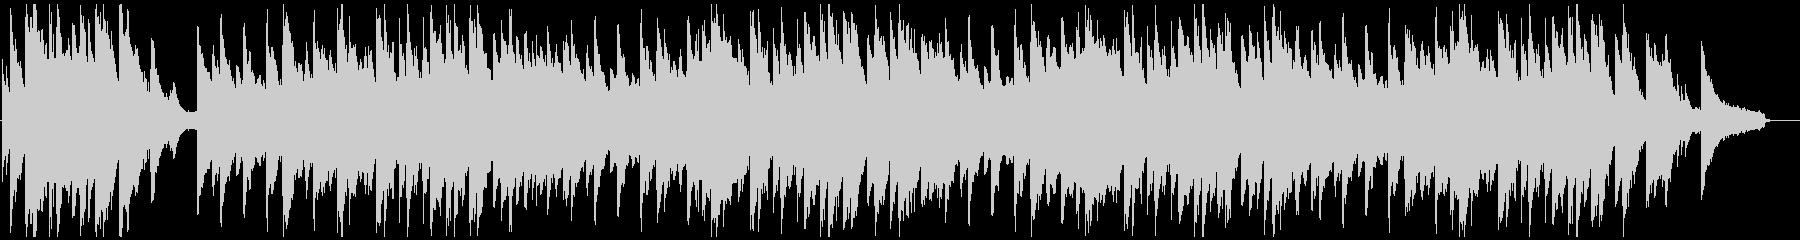 アメイジンググレイス ピアノ伴奏の未再生の波形